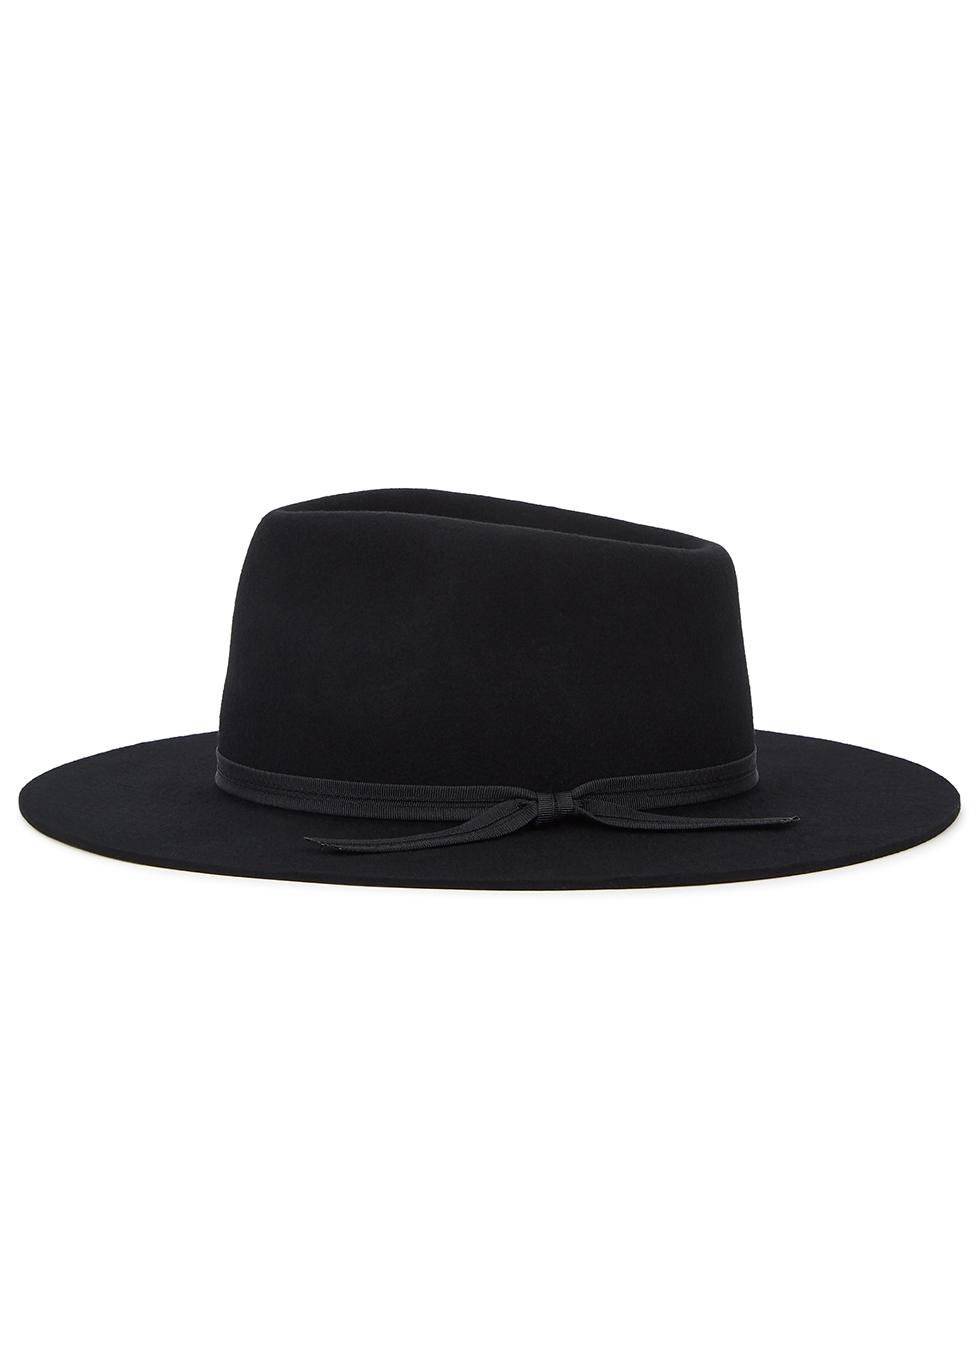 9f3f8cfe71db92 Women's Designer Hats, Beanies and Caps - Harvey Nichols